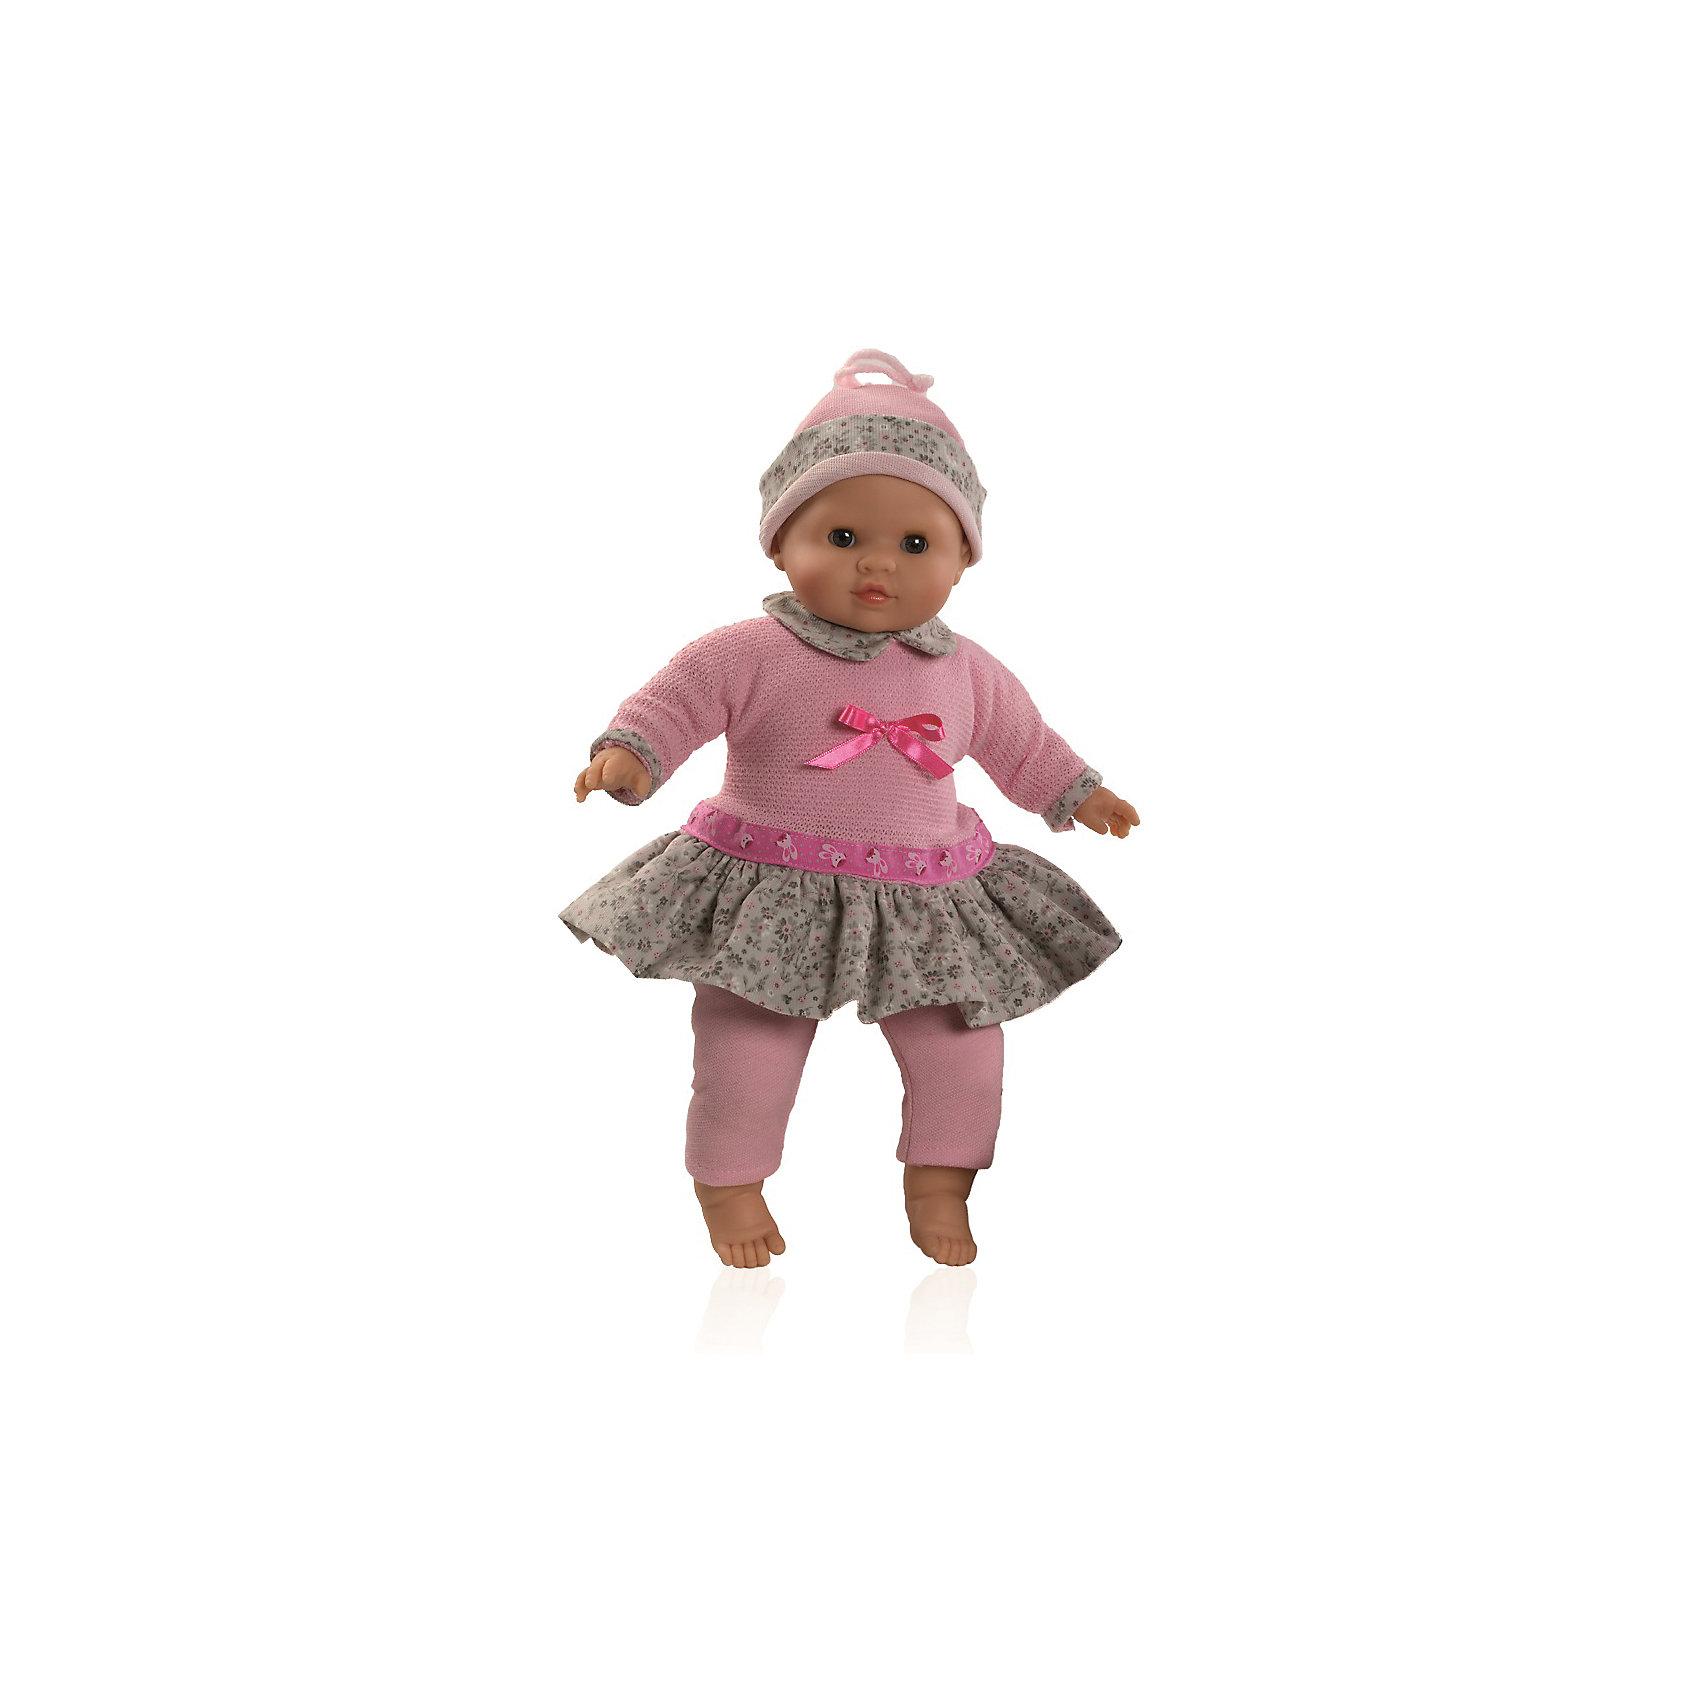 Кукла Эми, 36 см, Paola ReinaМалышка Эми так похожа на настоящего младенца, что ее хочется тут же взять на руки и укачать! Куколка одета в нежно-розовое платье с пышной юбкой с цветочным принтом, декорированное милым бантиком. На голове у Эми очаровательная шапочка в тон платью, на ногах - розовые леггинсы. Складочки на ручках и ножках придают куколке еще больше реалистичности. На голове у нее рельефная поверхность, имитирующая волосы. Куклы Паола Рейна с мягконабивным телом, имеют нежный ванильный аромат, одеты в модную яркую одежду с аксессуарами. Выразительная мимика, уникальный и неповторимый дизайн лица и тела, делают эти игрушки запоминающимися, уникальными и самыми любимыми. Куклы изготовлены из высококачественных материалов, абсолютно безопасных для детей. <br><br>Дополнительная информация:<br><br>- Материалы: кукла изготовлена из винила и текстиля; глаза выполнены в виде кристалла из прозрачного твердого пластика; одежда - текстиль.<br>- Размер: 36 см.<br>- Комплектация: кукла в одежде.<br>- Голова, ручки, ножки куклы подвижные.<br>- Мягконабивное тело.<br>- Нельзя мыть.<br>- Глаза закрываются.<br><br>Куклу Эми, 36 см, Paola Reina (Паола Рейна), можно купить в нашем магазине.<br><br>Ширина мм: 120<br>Глубина мм: 250<br>Высота мм: 420<br>Вес г: 1000<br>Возраст от месяцев: 36<br>Возраст до месяцев: 144<br>Пол: Женский<br>Возраст: Детский<br>SKU: 4420326